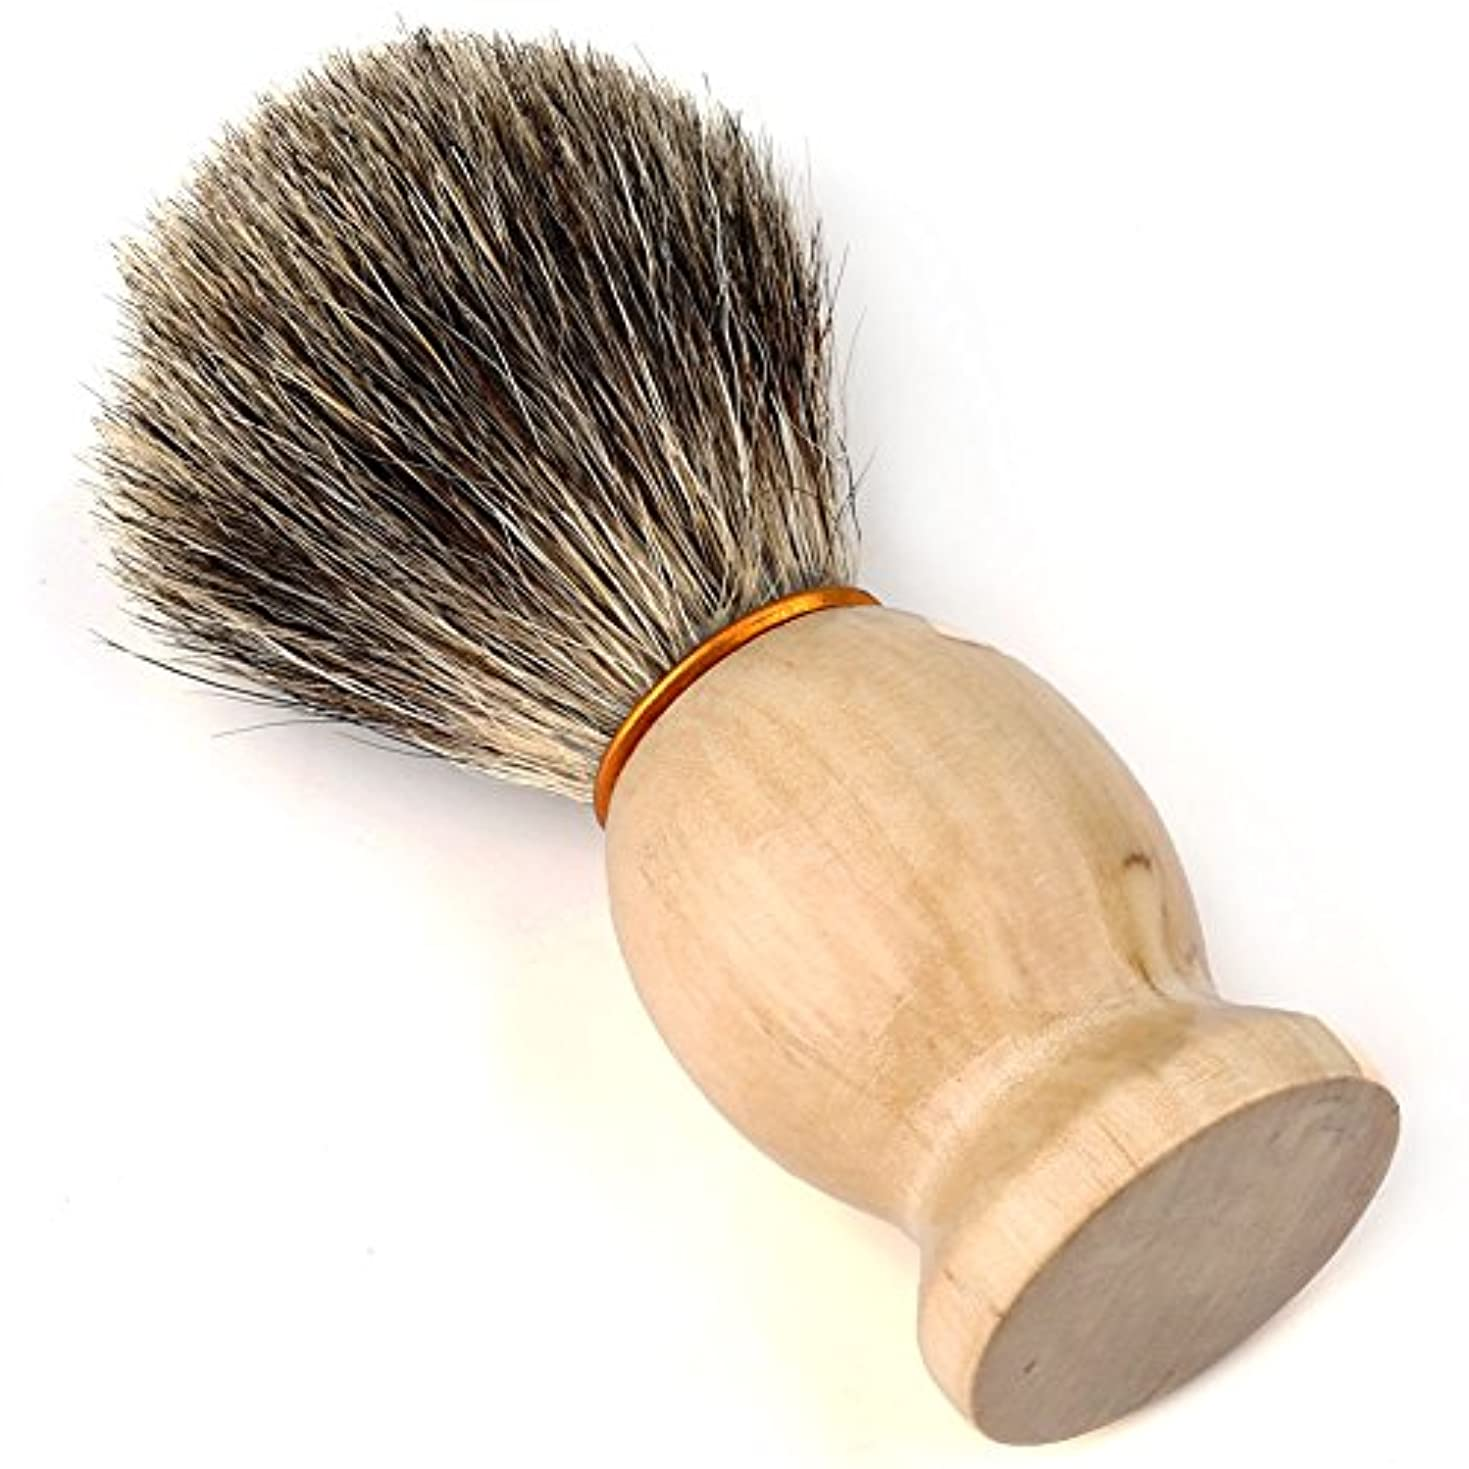 紳士気取りの、きざなモザイク行商Easy Raku®ひげブラシ シェービングブラシ アナグマ毛 髭剃り 泡立ち メンズ シェービングブラシ(ブラシだけ)